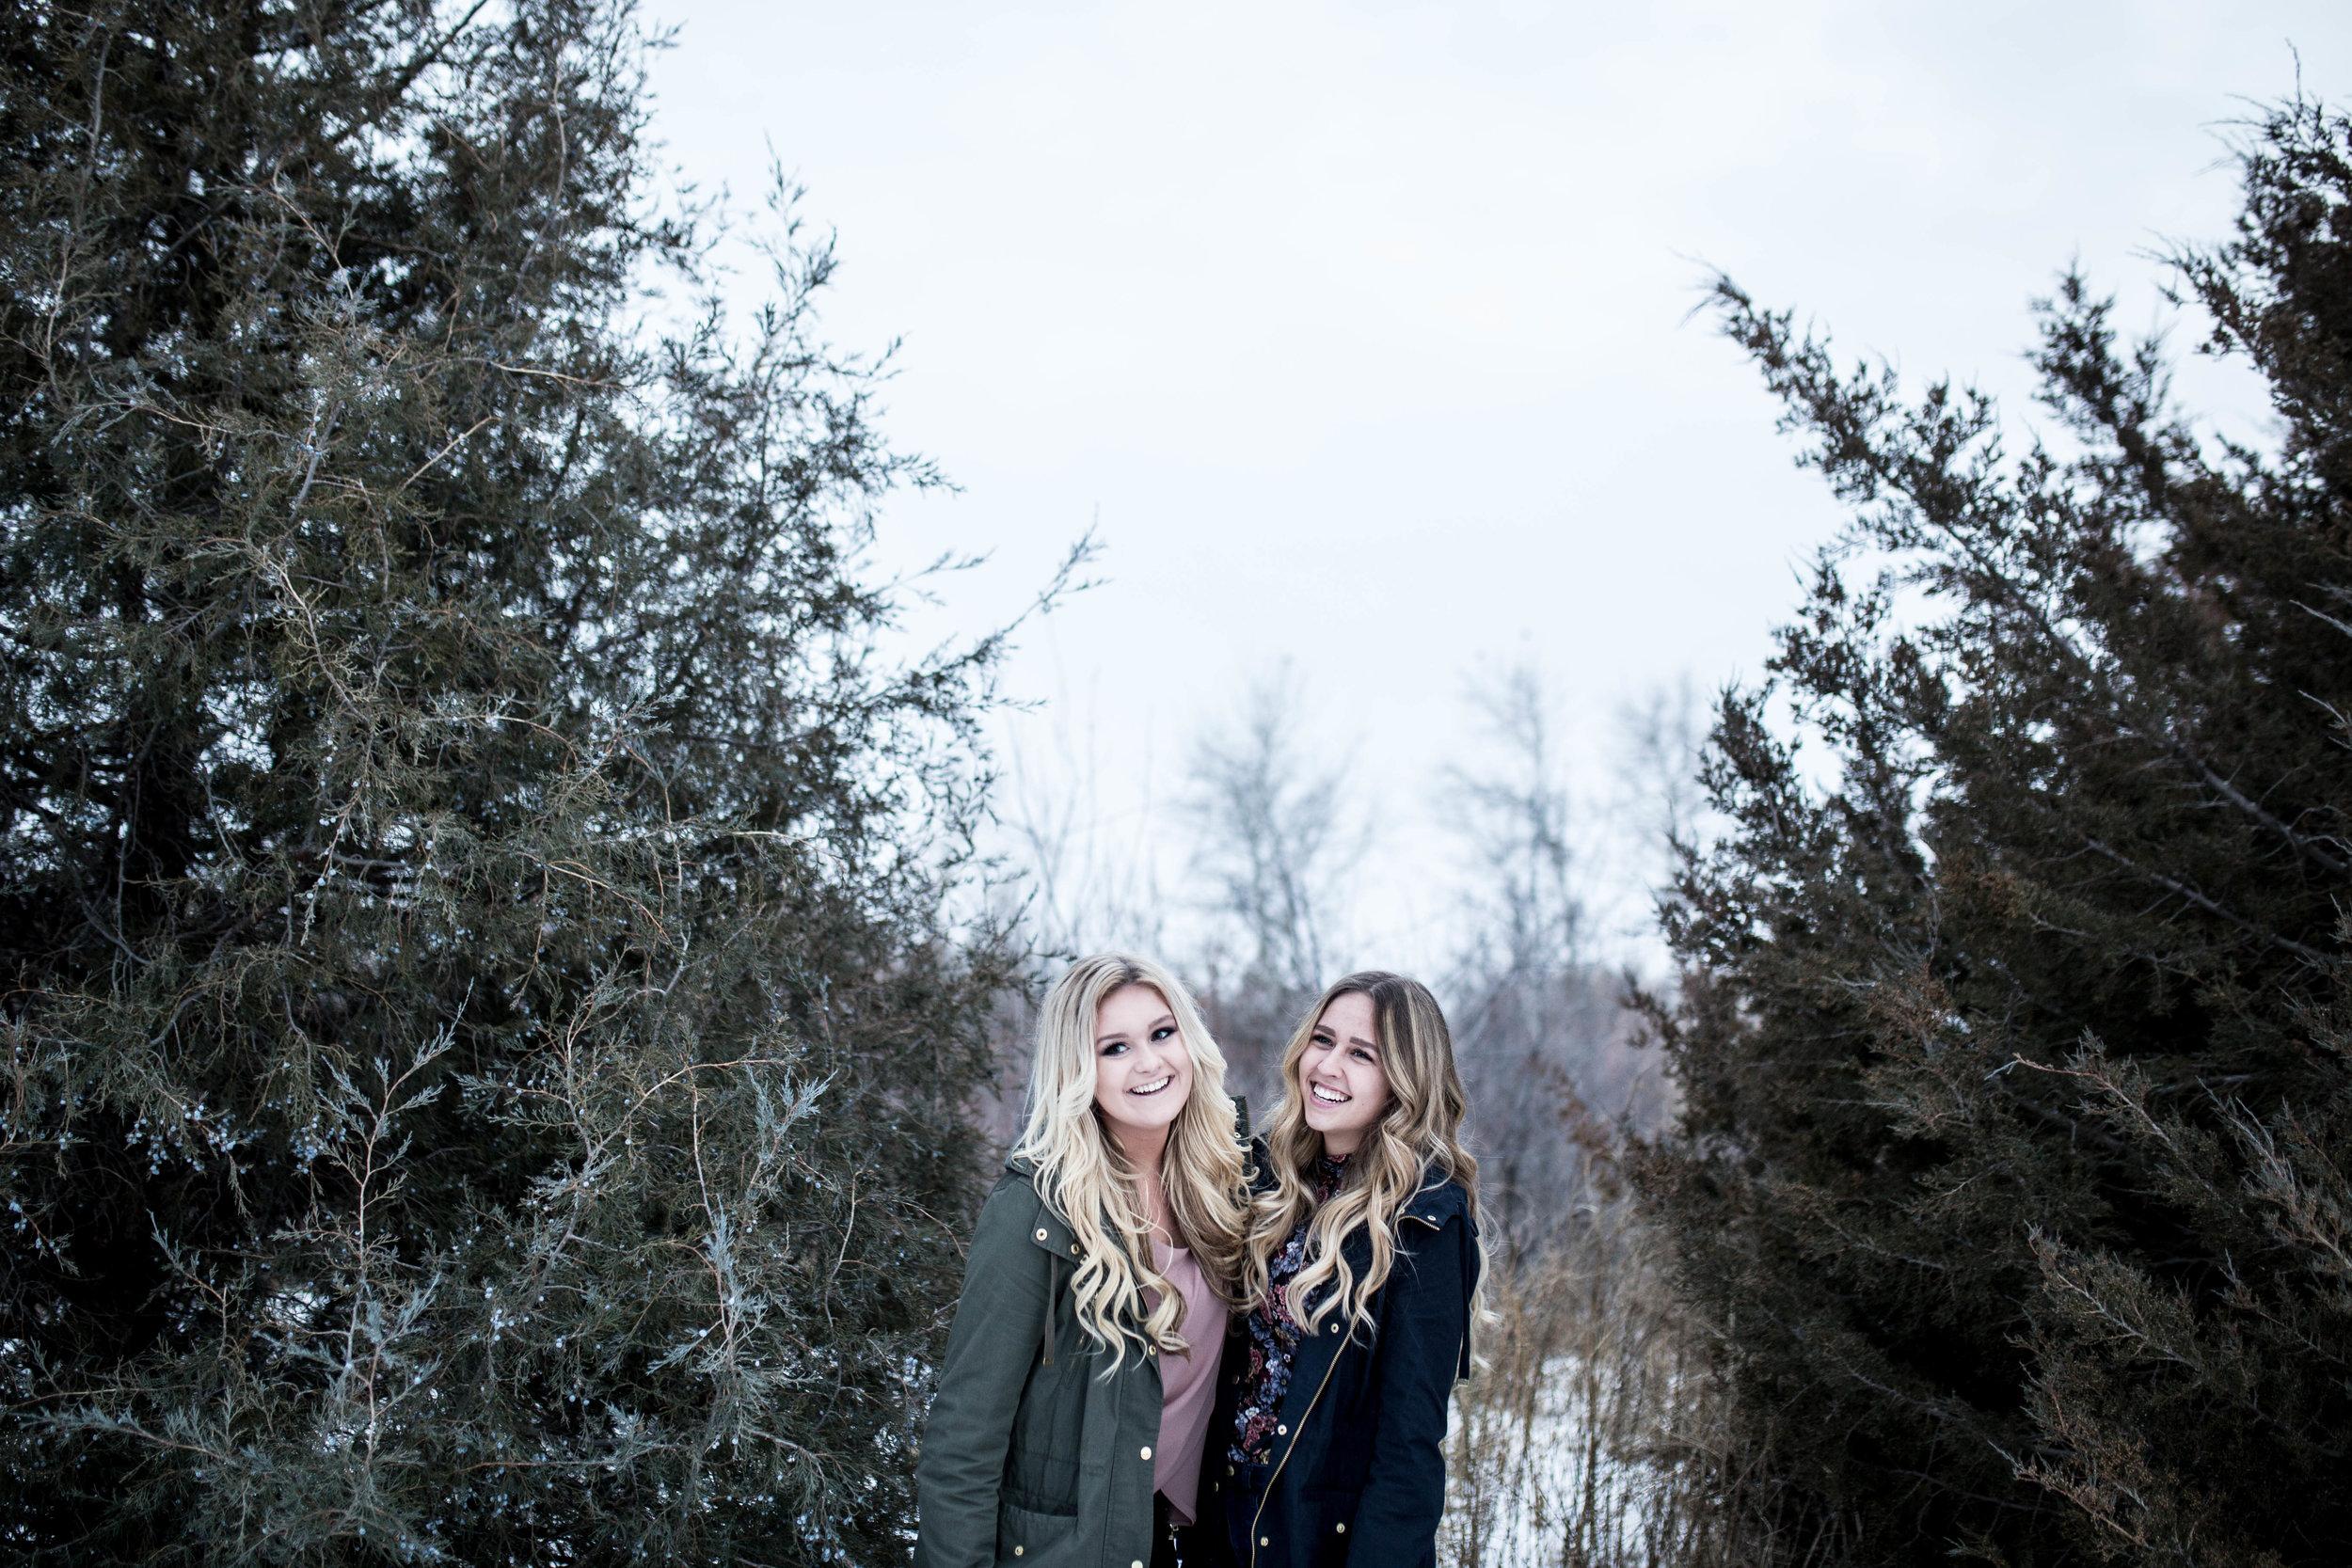 WinterRoommatePhotos (40 of 88).jpg